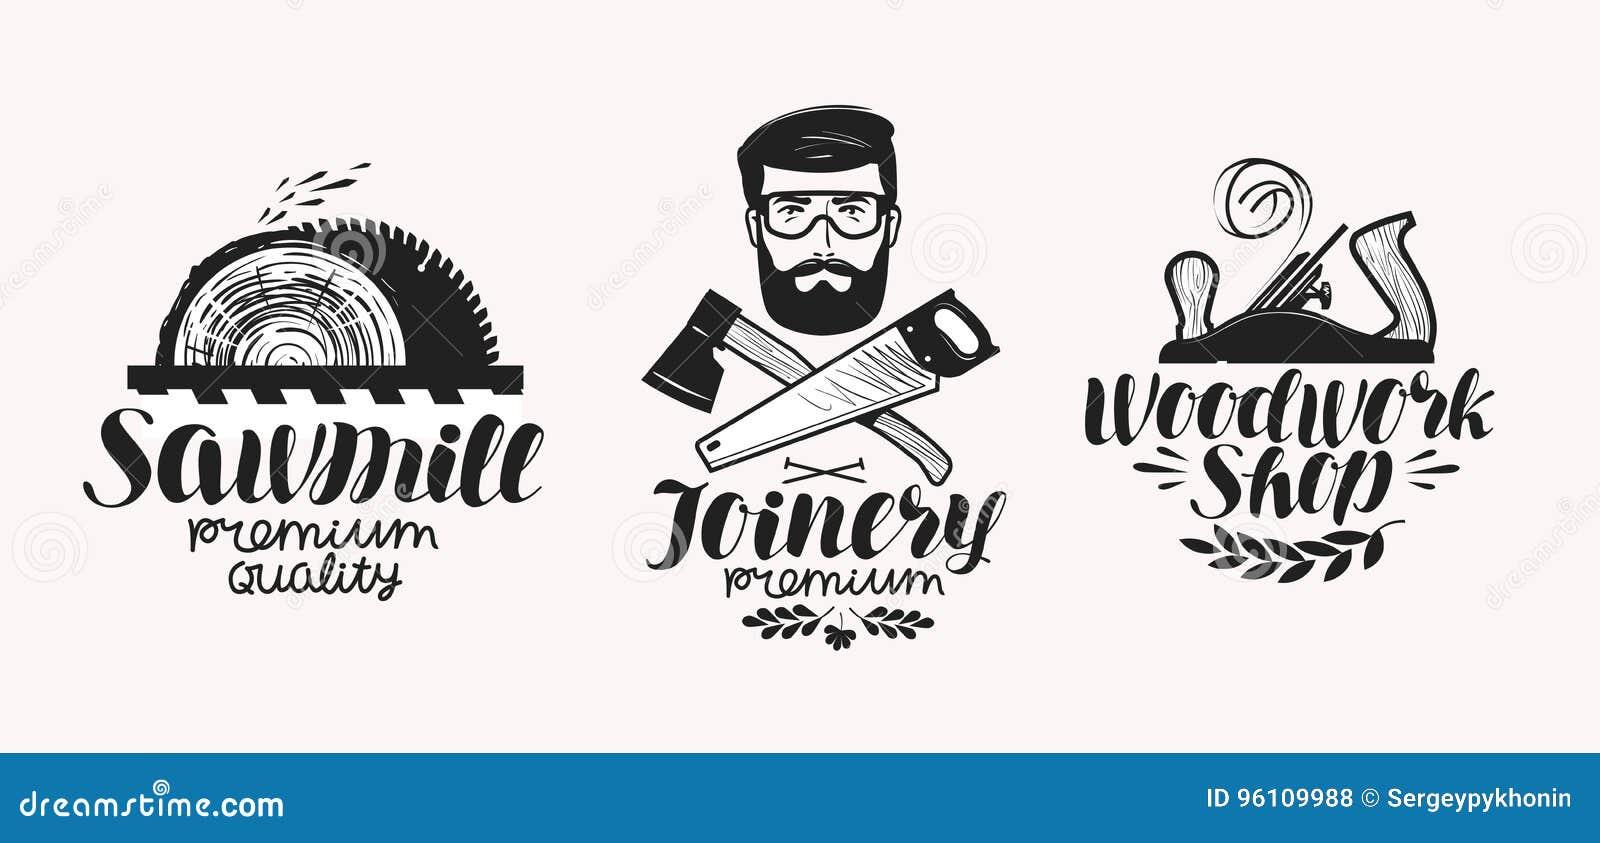 Carpintería, sistema de etiqueta de la serrería Icono o logotipo de la tienda de la artesanía en madera Letras manuscritas, ejemp